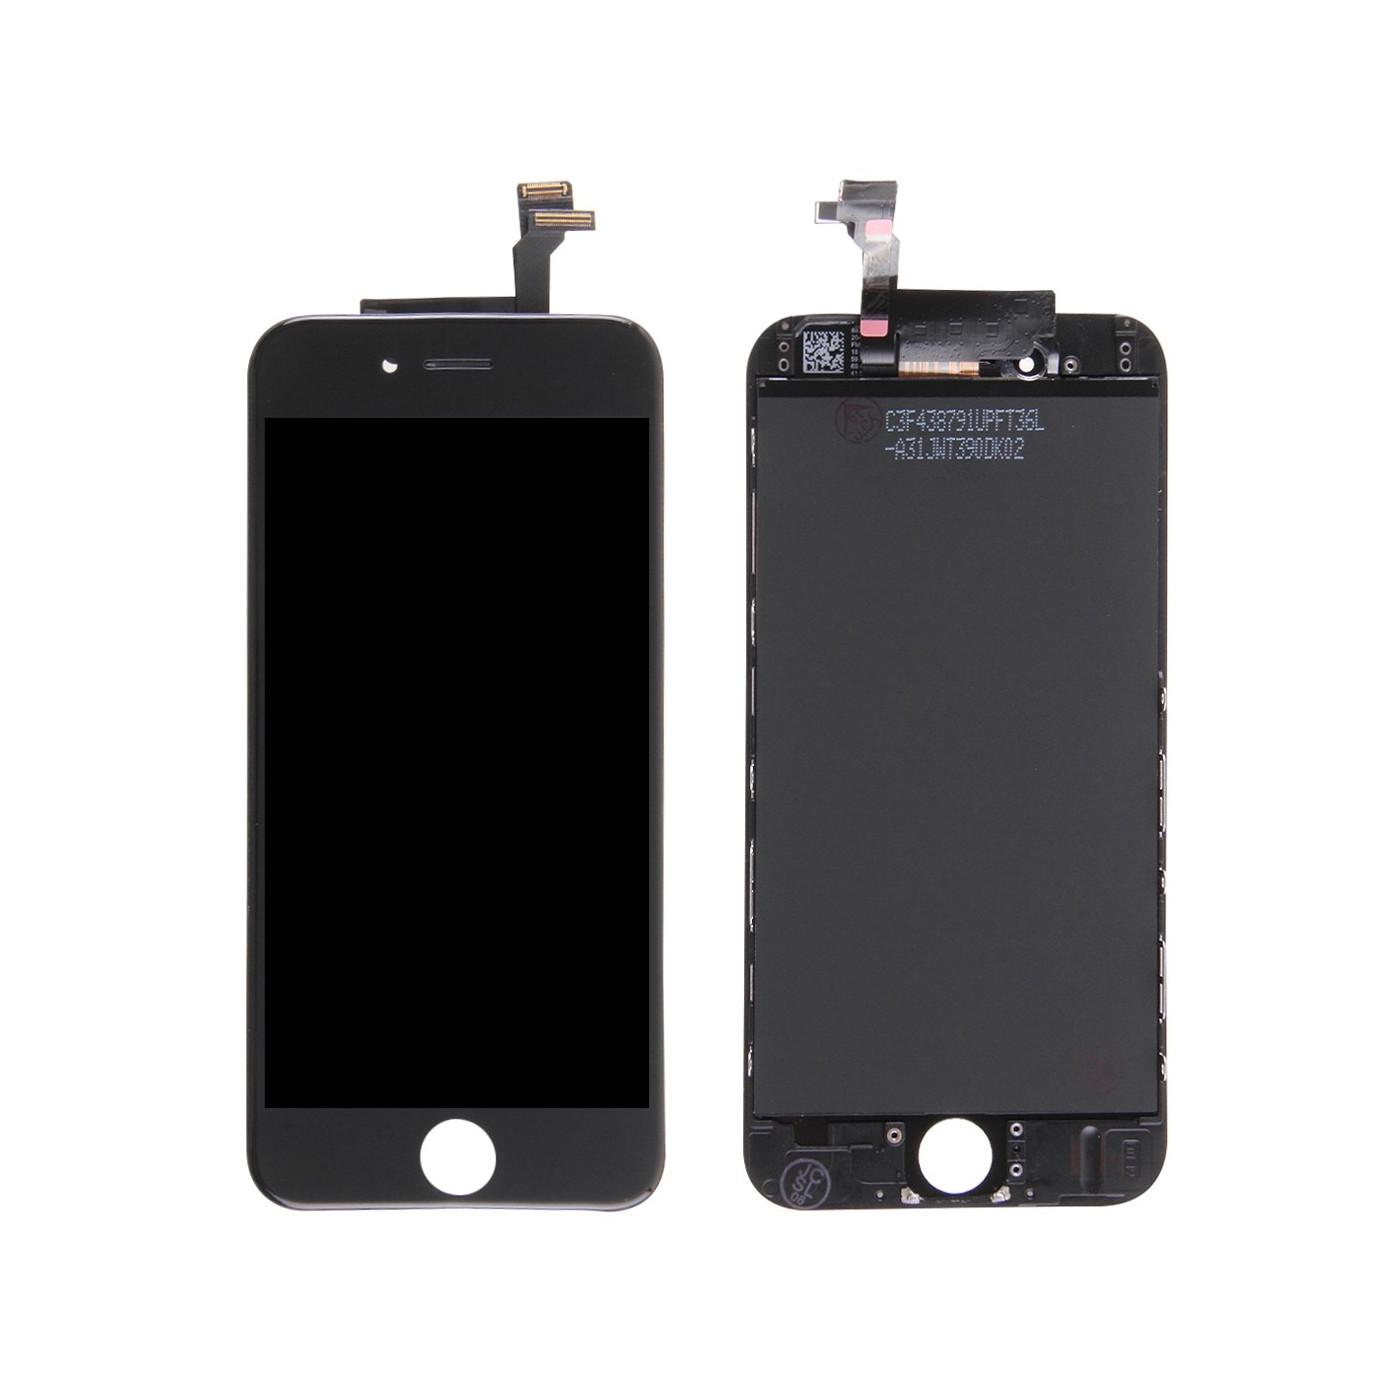 AFFICHEUR LCD TACTILE VERRE pour Apple iPhone 6 ECRAN ORIGINAL TIANMA NOIR